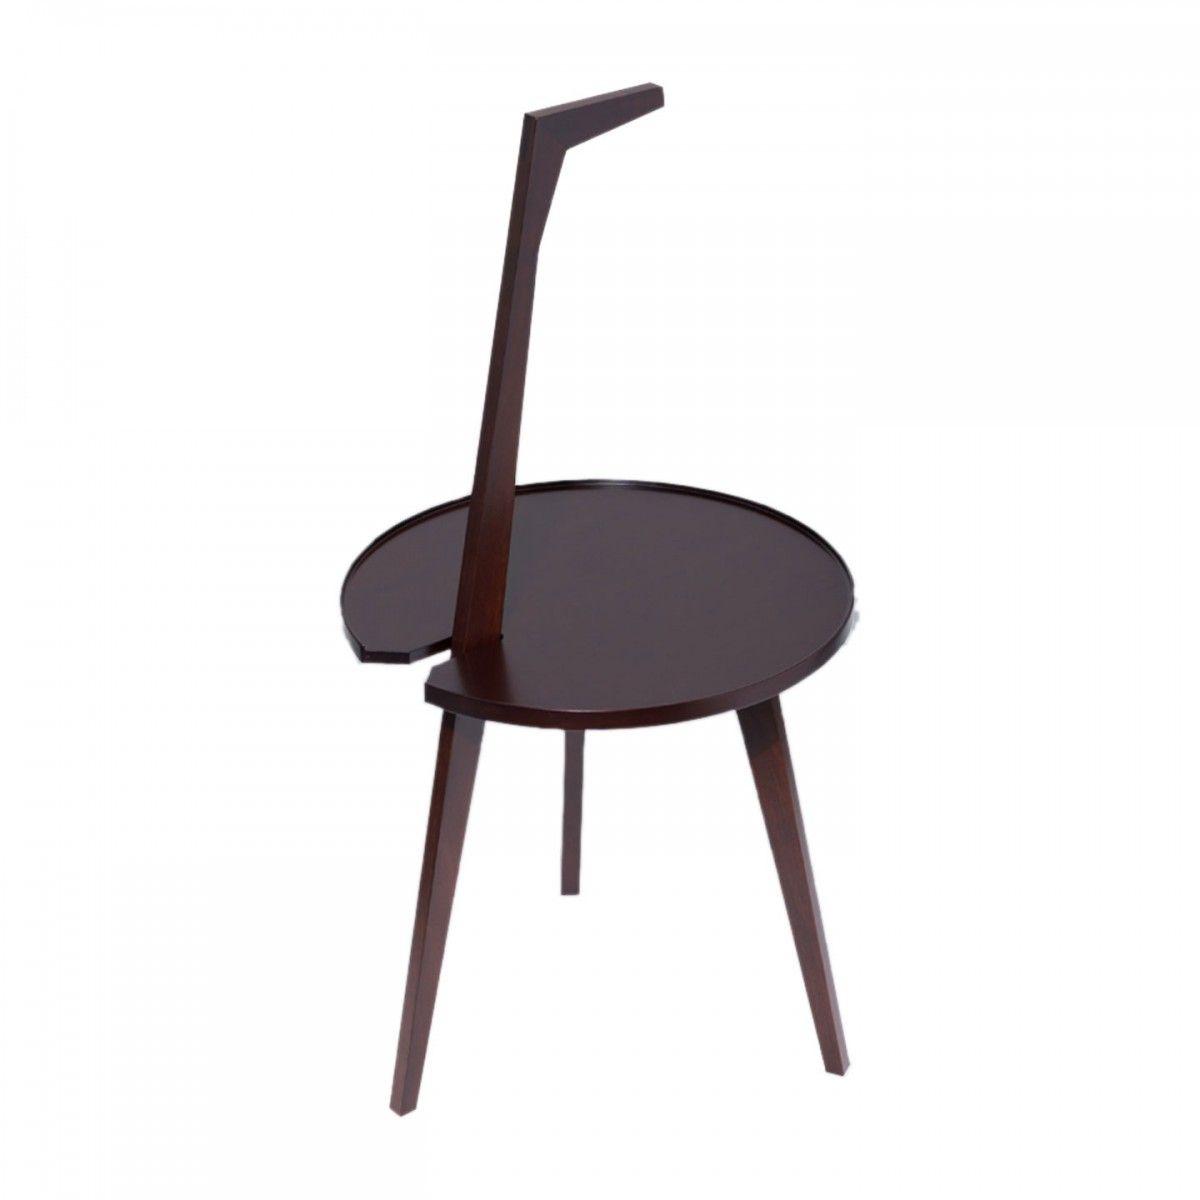 Cicognino Side Table Designer: Franco Albini Brand: Cassina